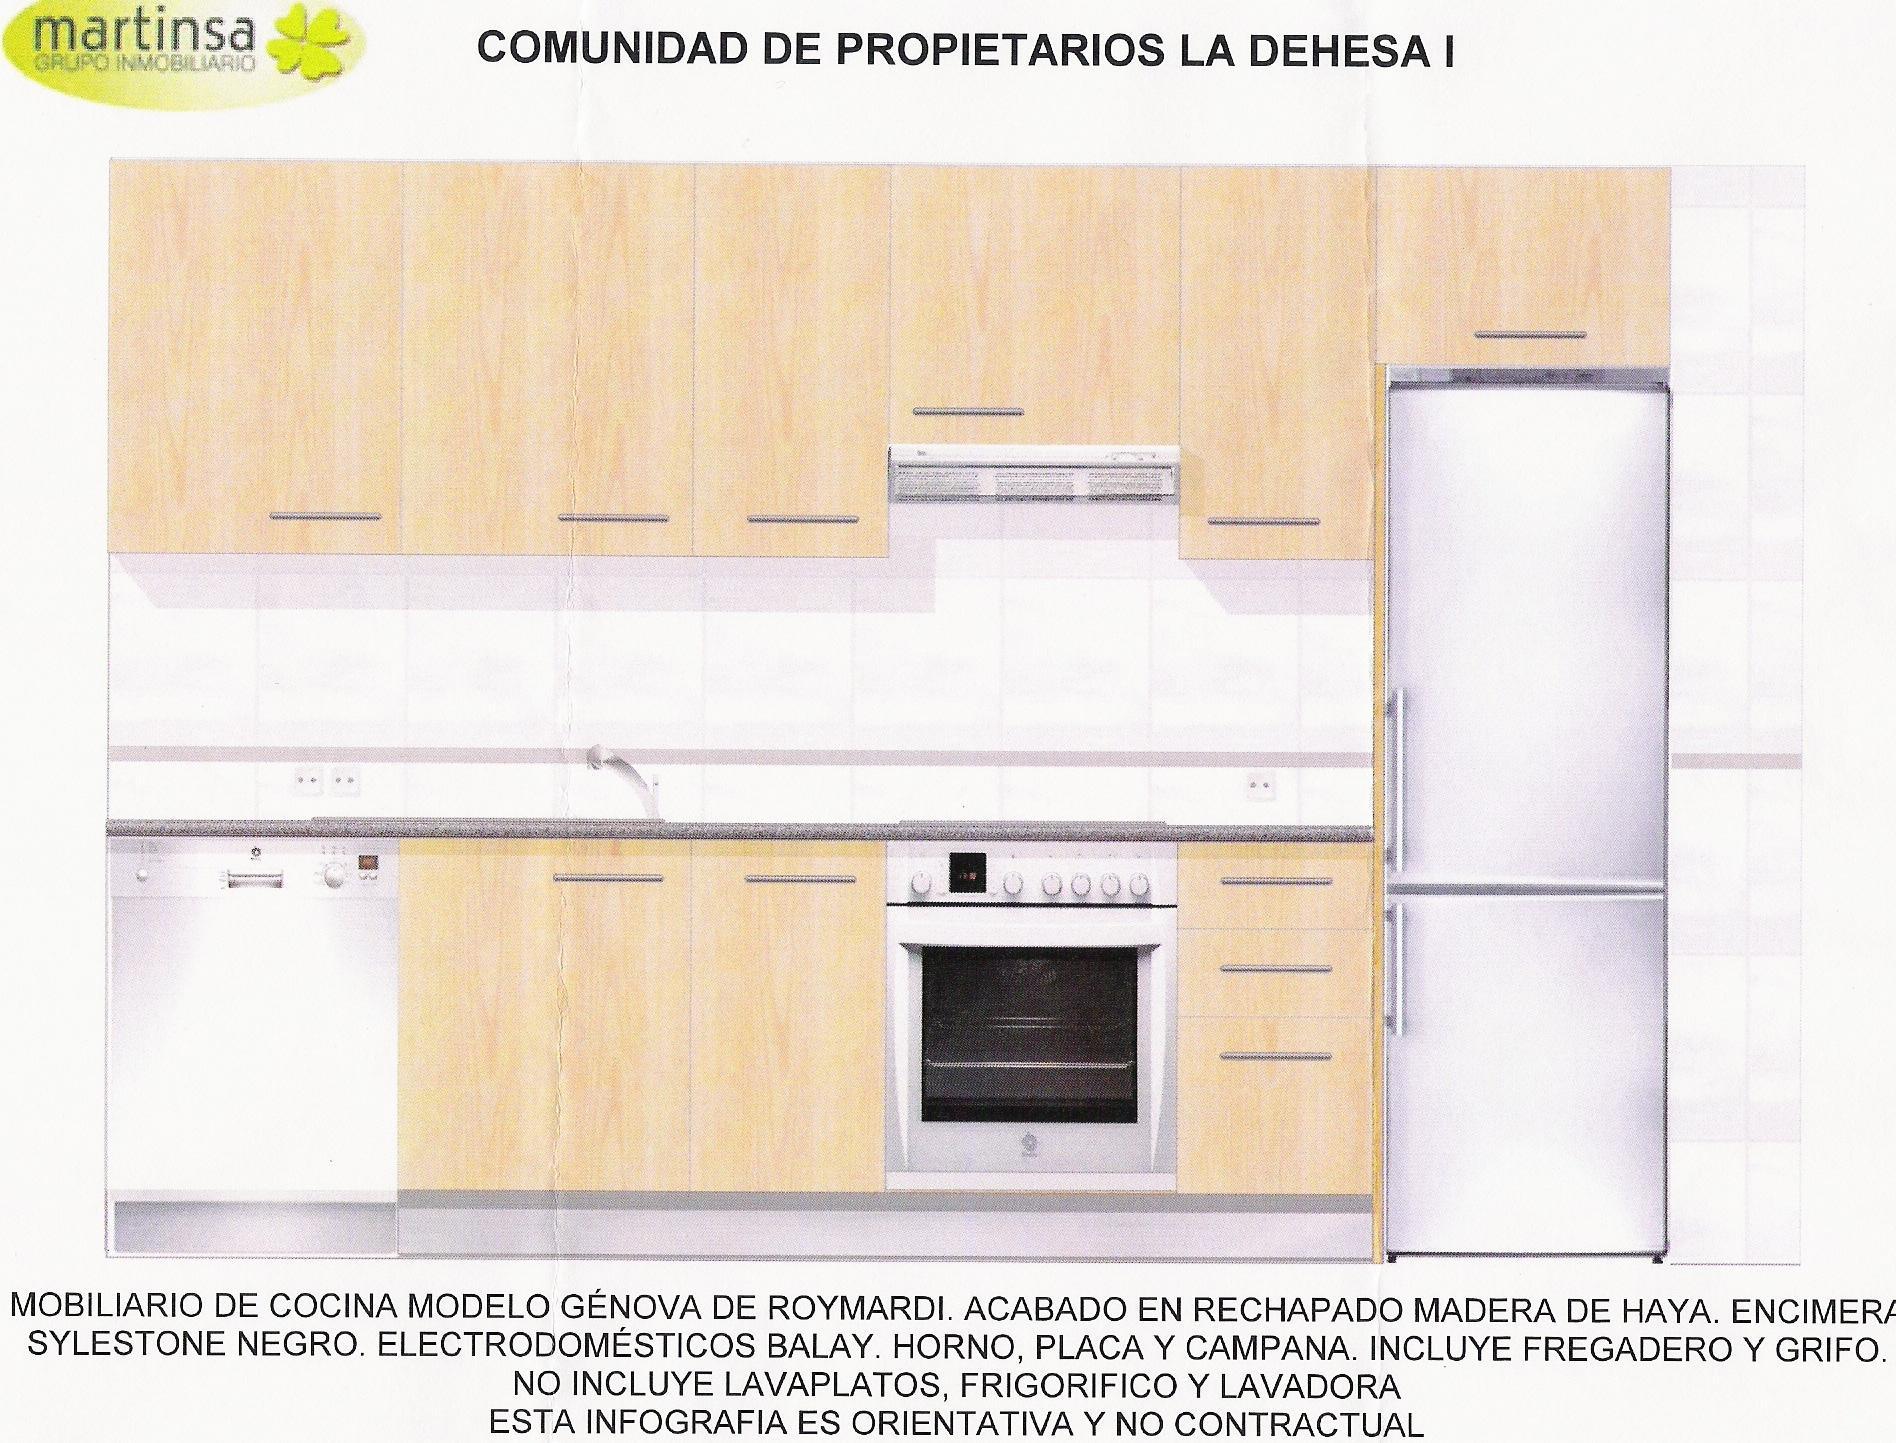 C p la dehesa i documento mobiliario cocina roymardi for Mobiliario cocina